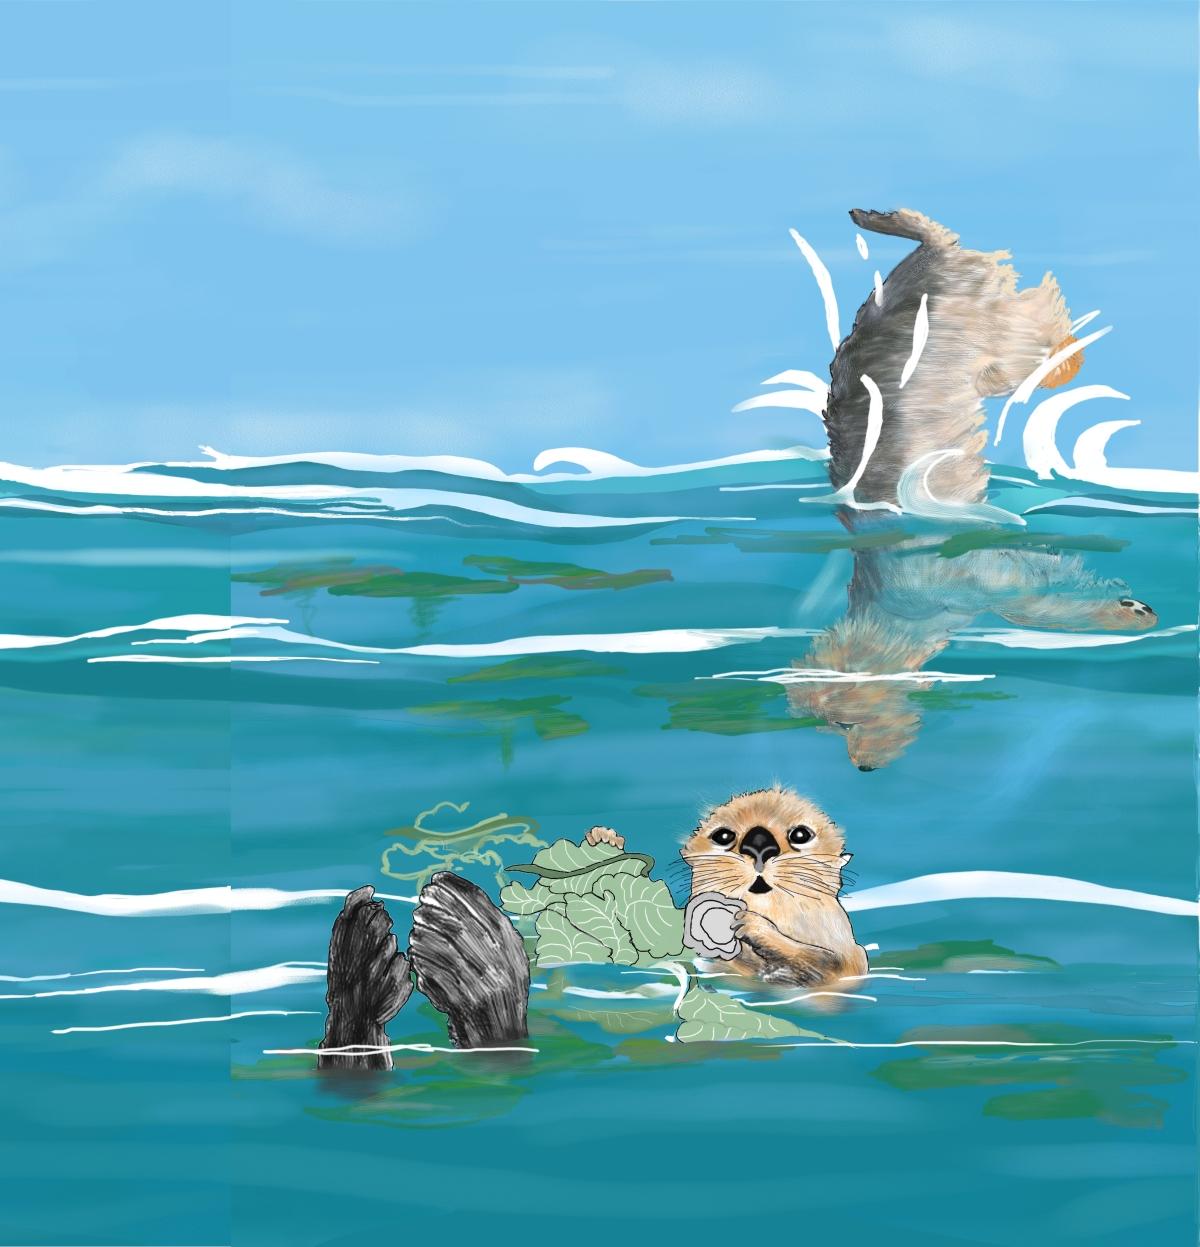 Duddley Jumping Into Monterey Bay, by Elizabeth B Martin